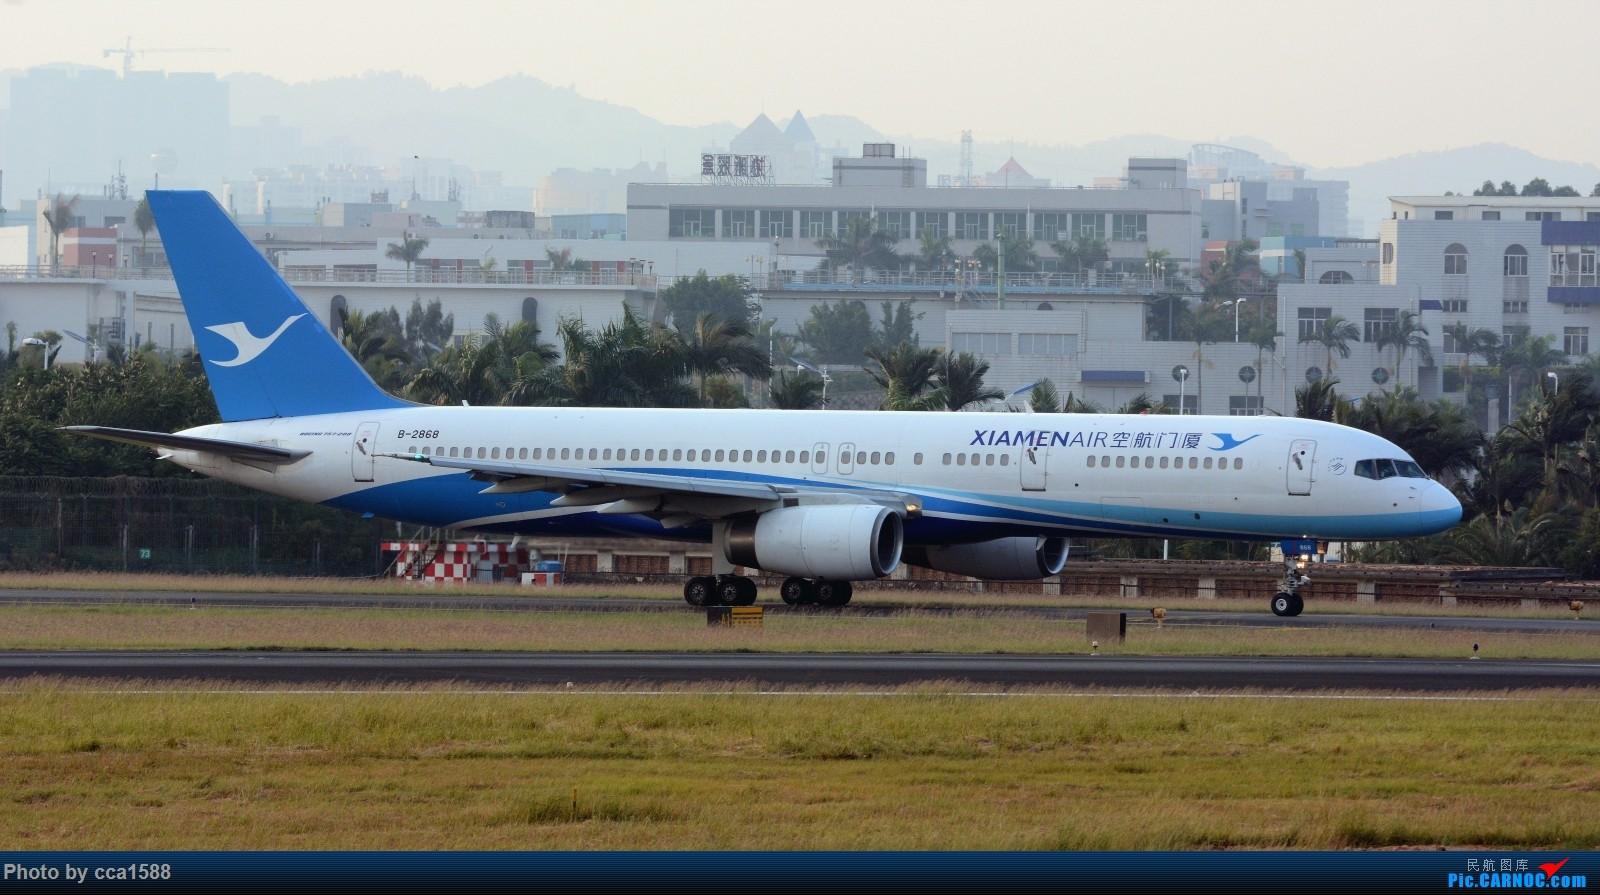 Re:[原创]【福州飞友会】首拍汉莎第一架747-8(厦门的拍机位置真心不好啊) BOEING 757-200 B-2868 厦门